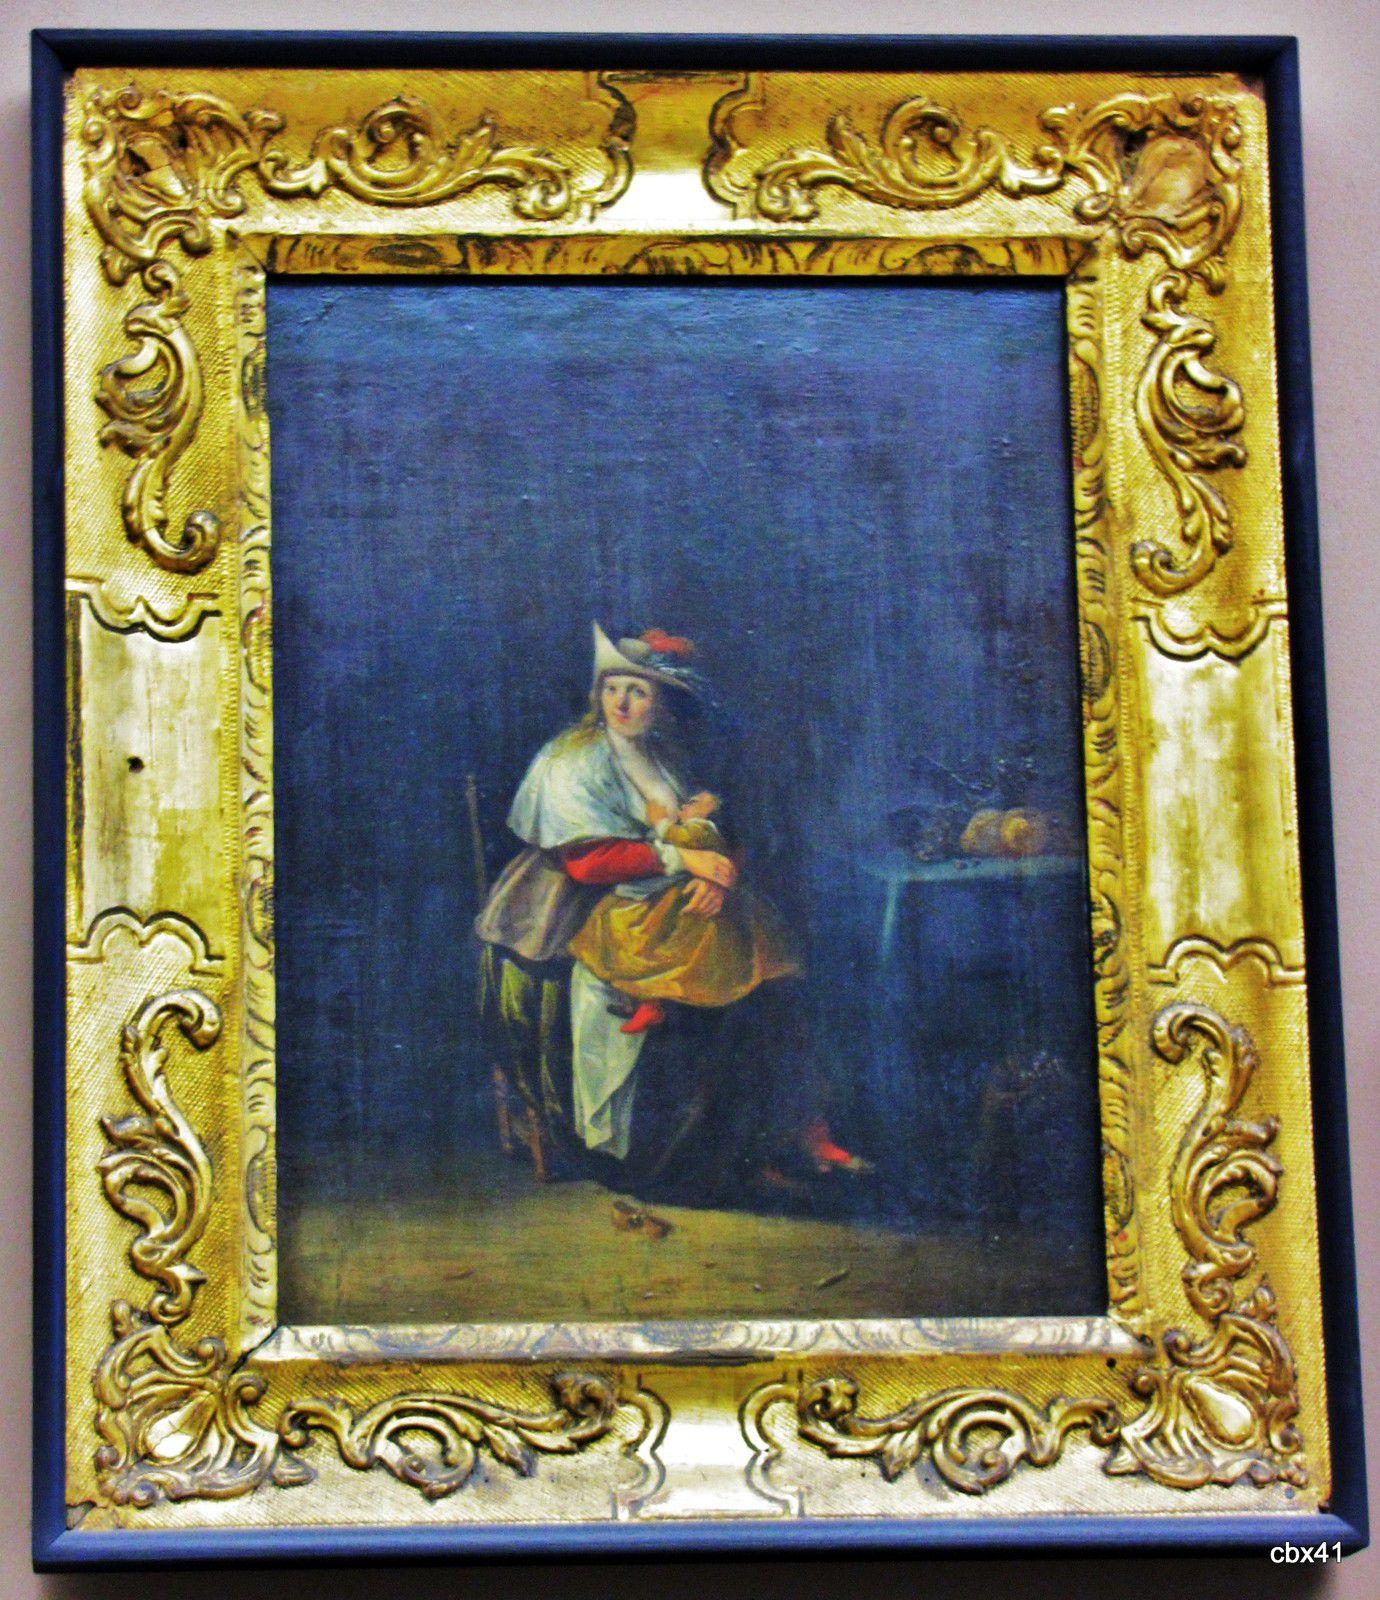 Anthonie Palamades, Le Goût